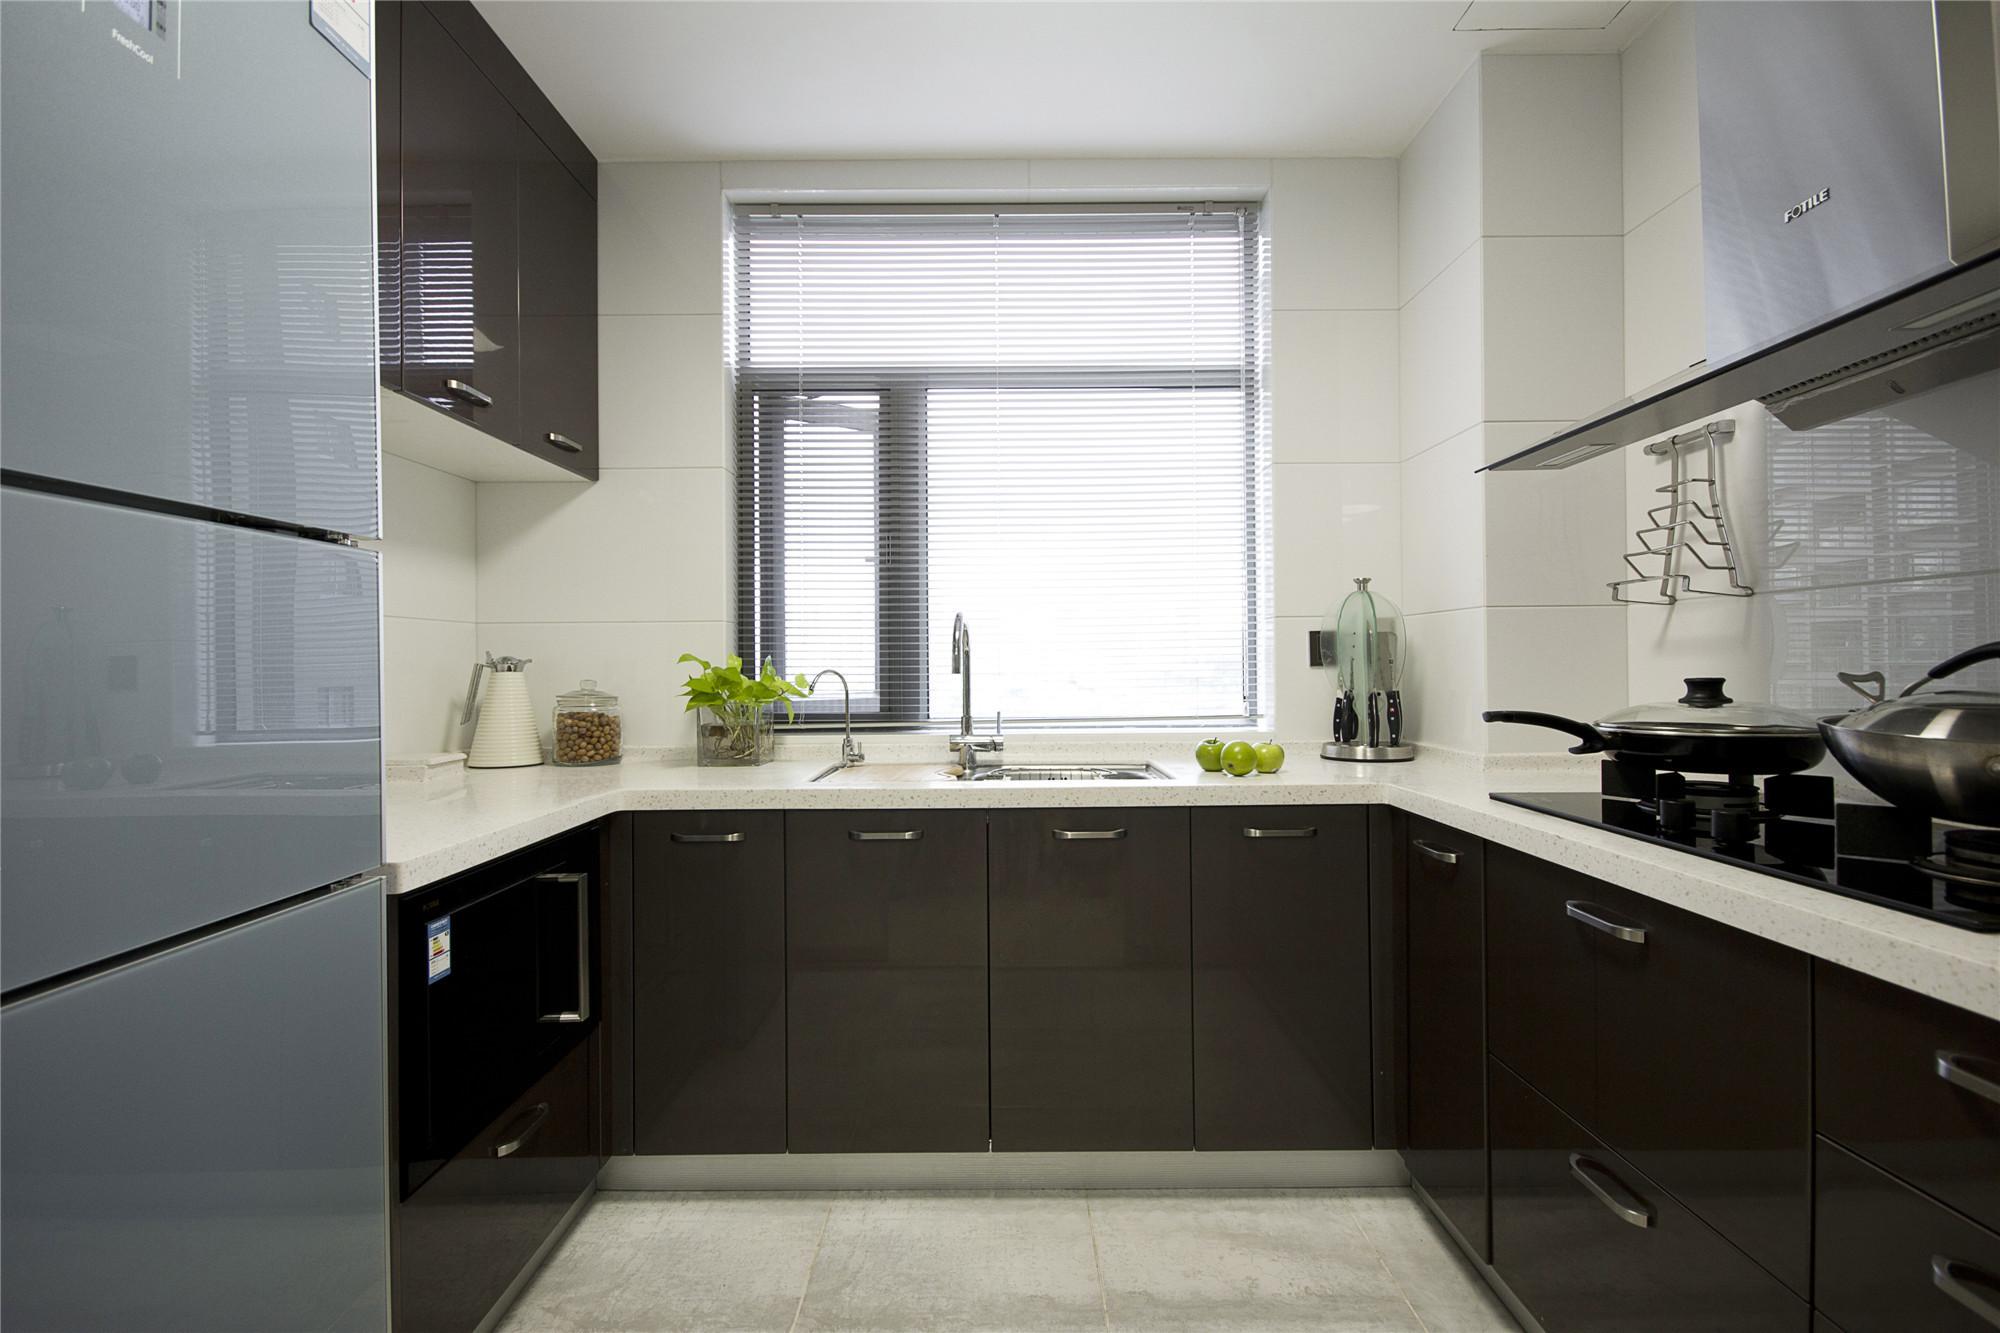 现代简约三居厨房搭配图